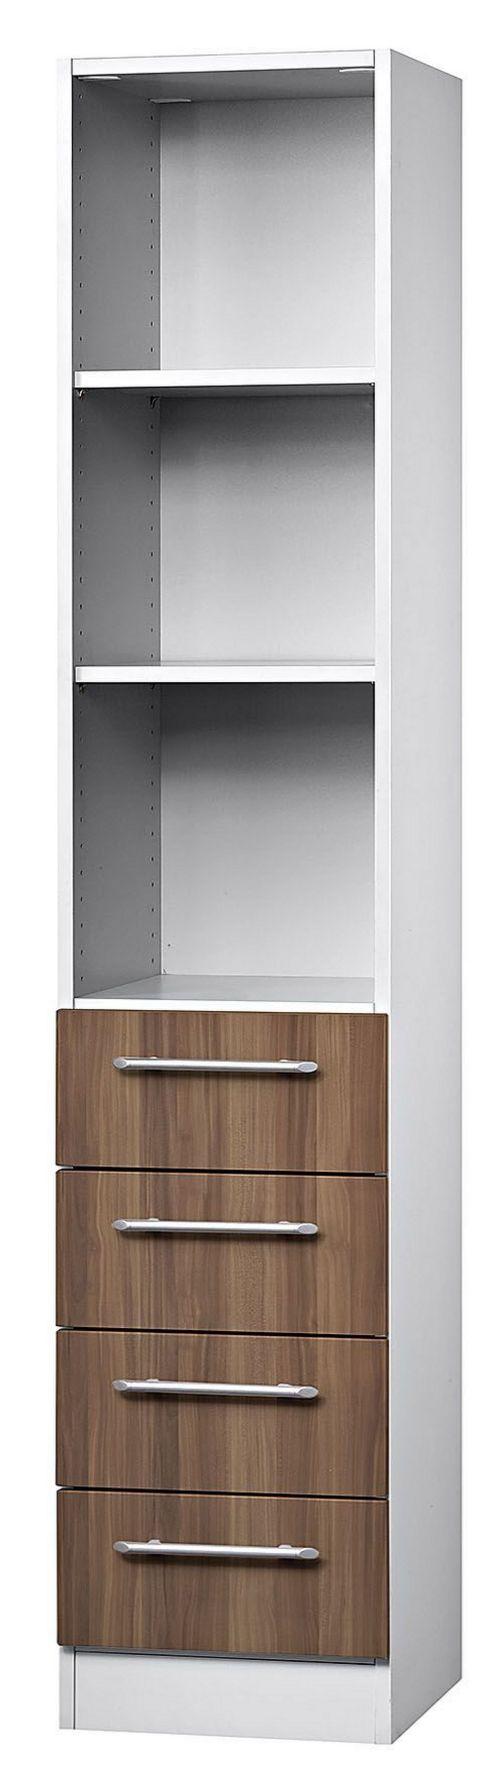 halboffener Büro-Schubladenschrank 4 Schubladen